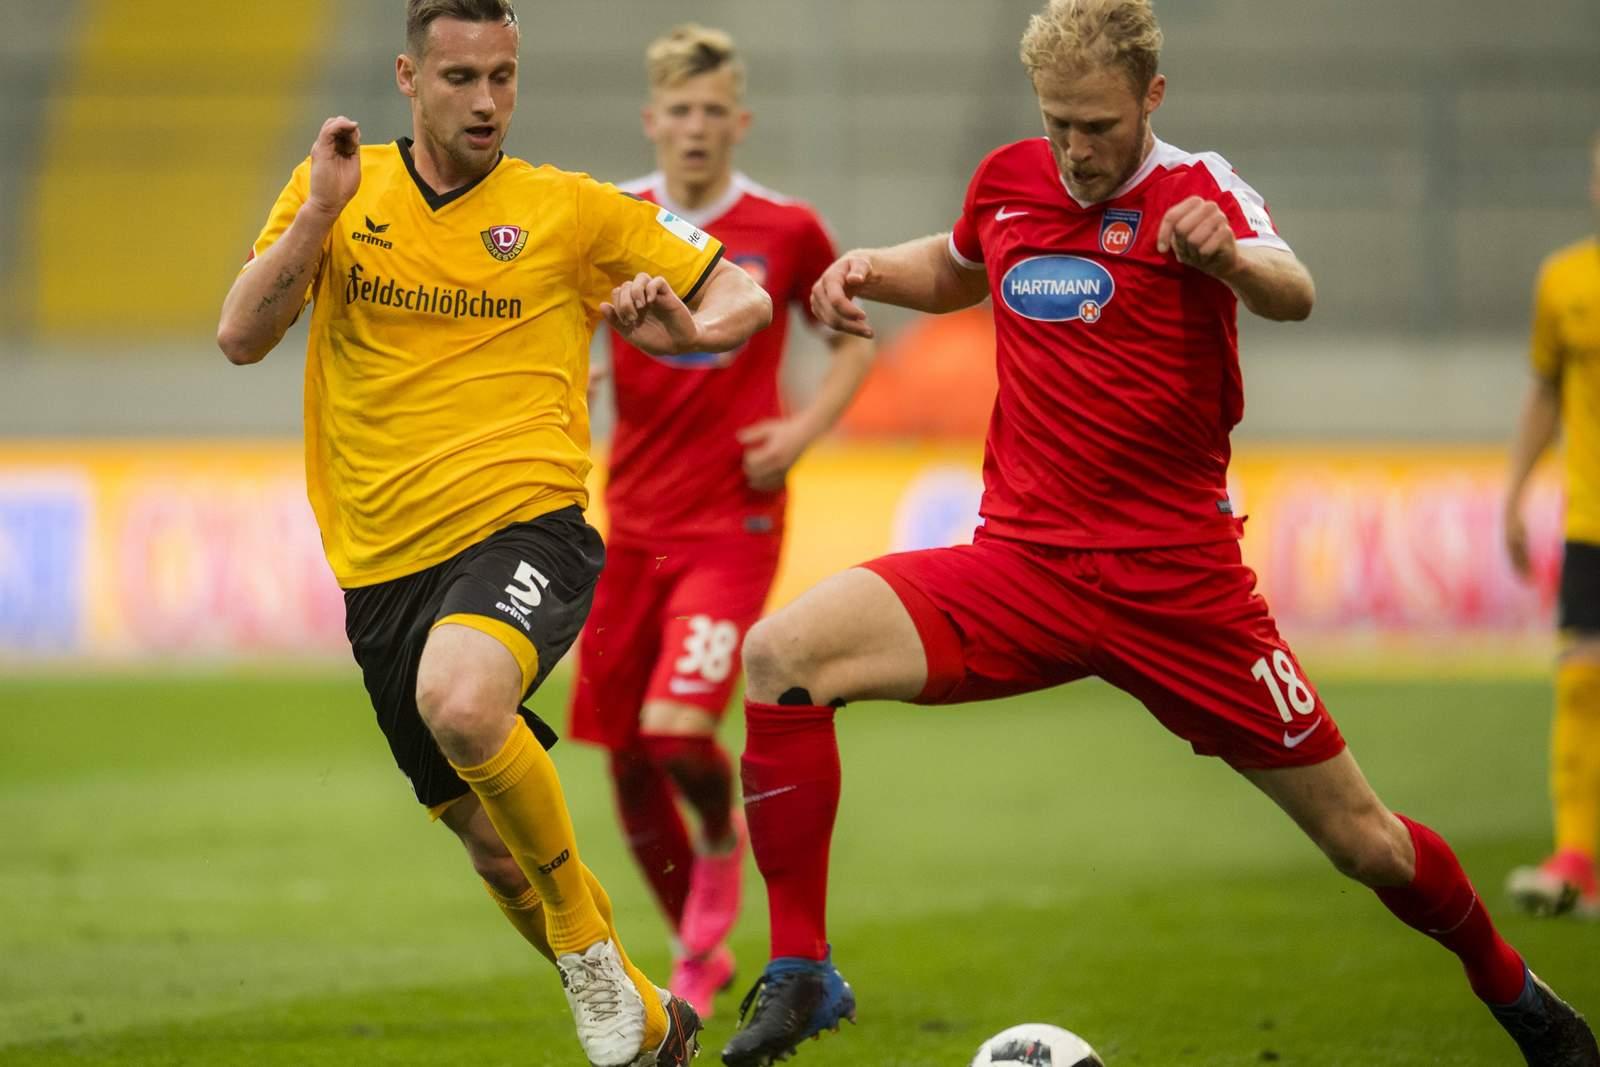 Zweikampf zwischen Konrad und Griesbeck